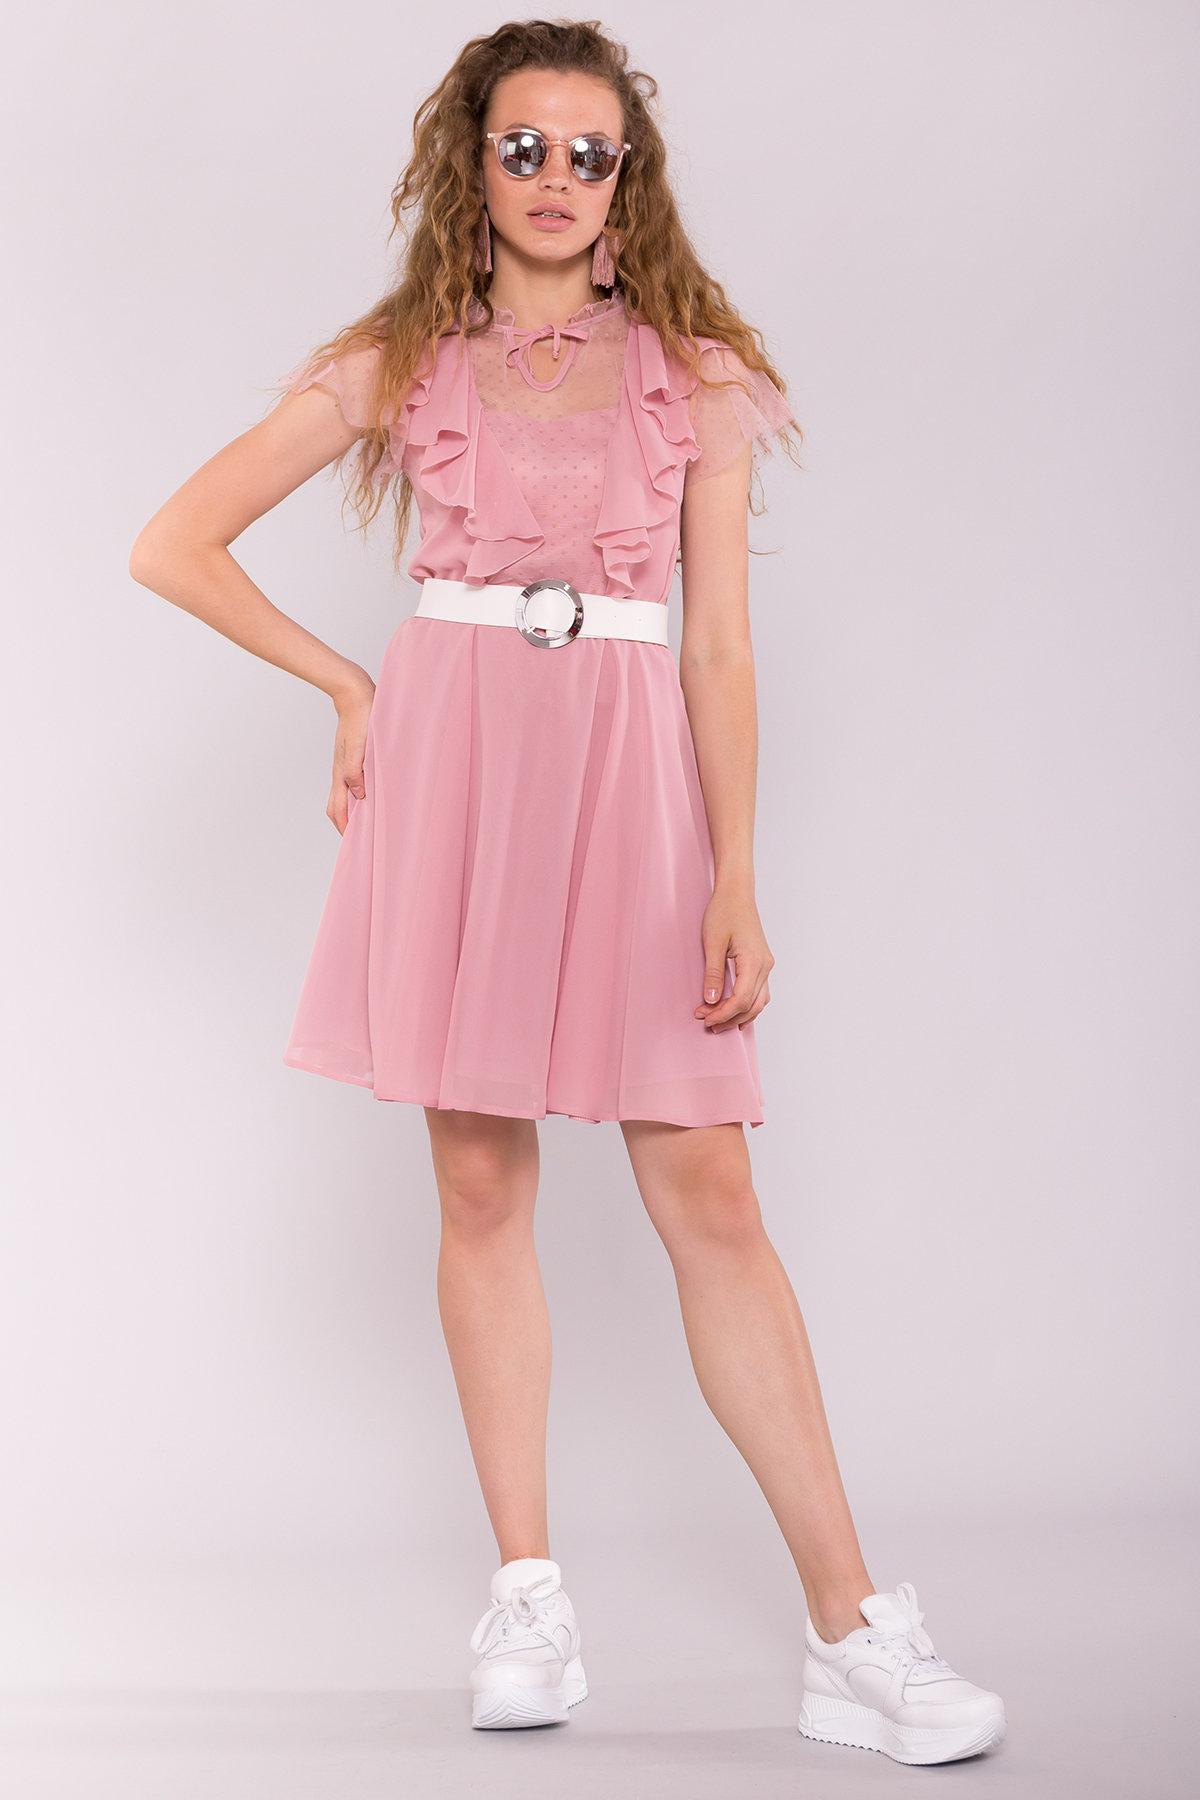 Весенние платья от производителя Платье Дали 6992